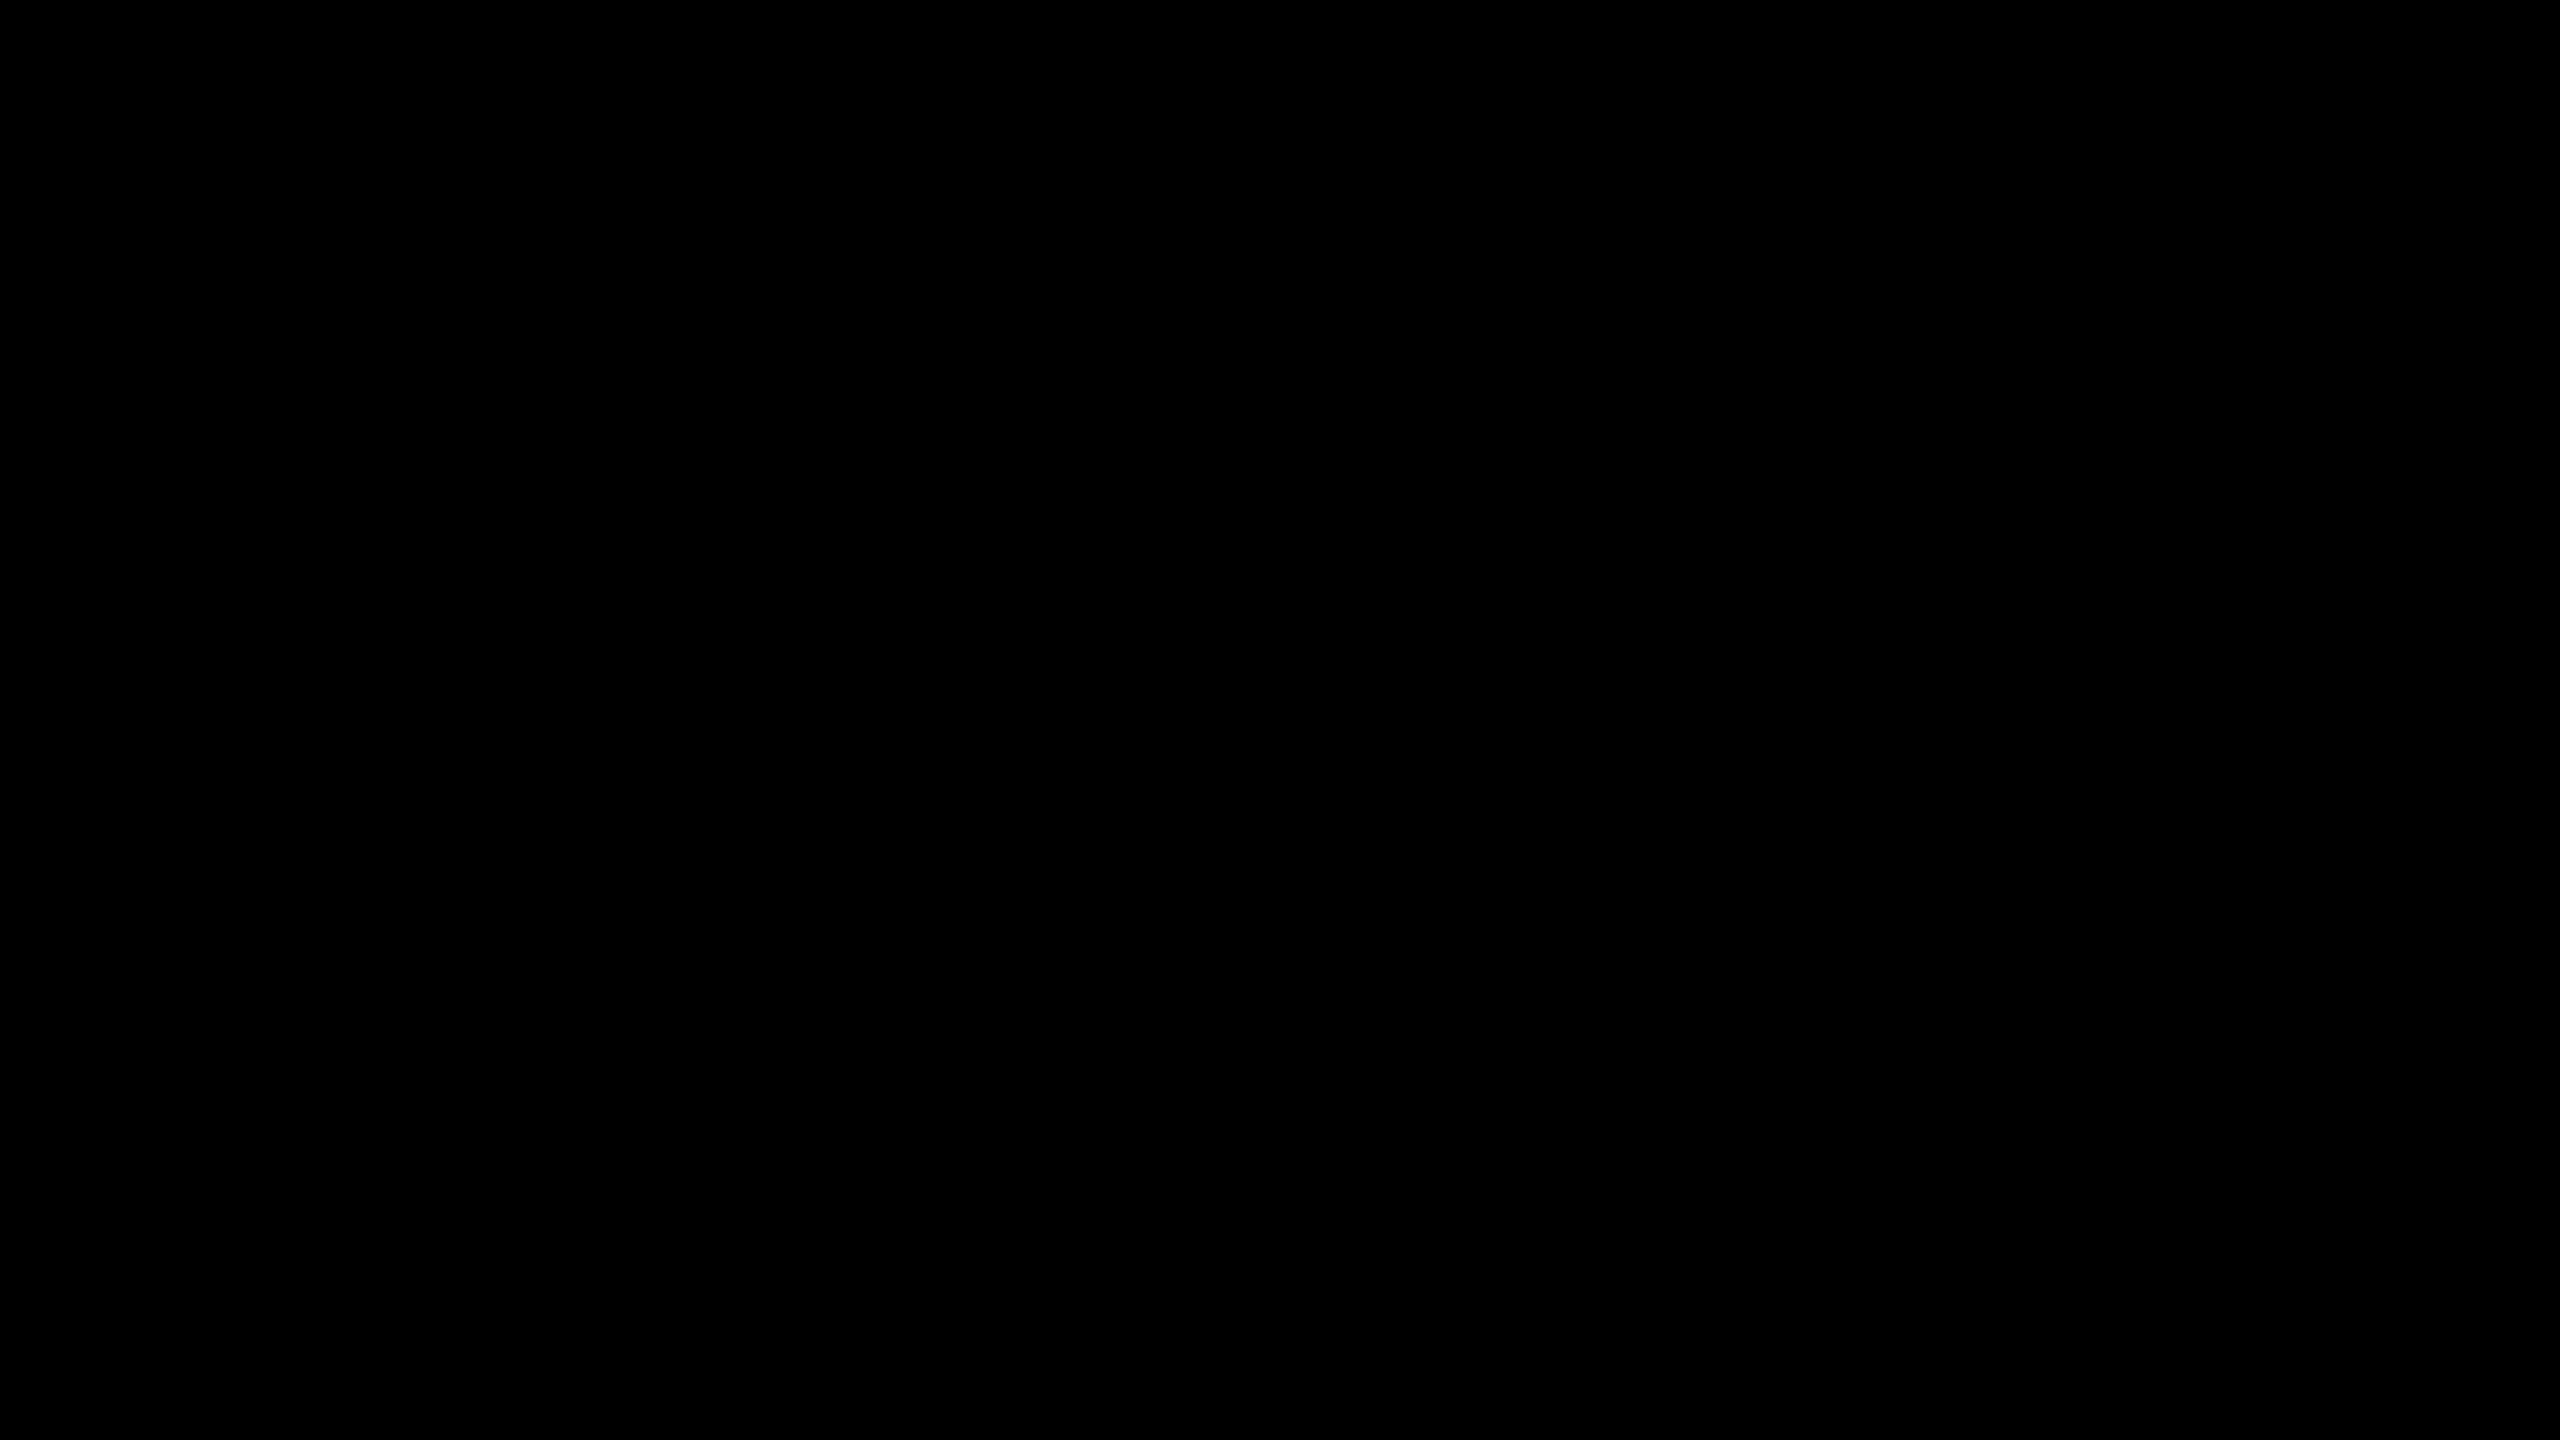 Fun, Gaming, NC, Planetside2, Planetside2 - NC Bullseye GIFs